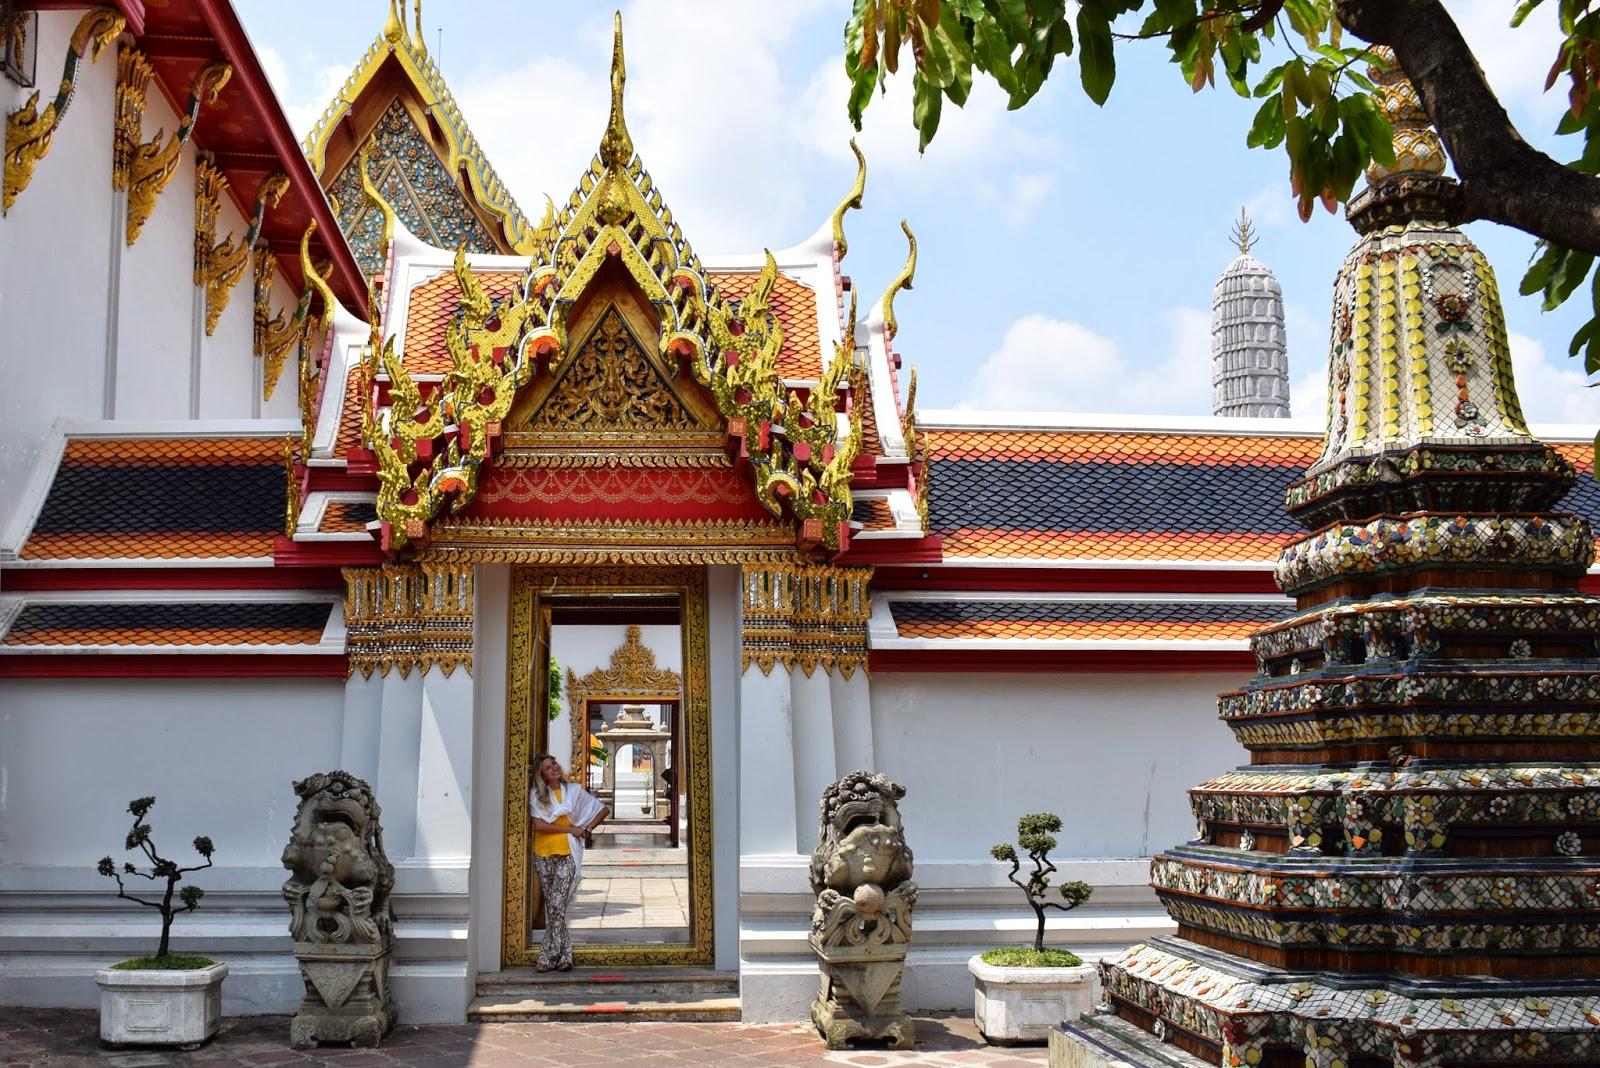 lua de mel mes a mes - templo wat po Bangkok - Tailandia